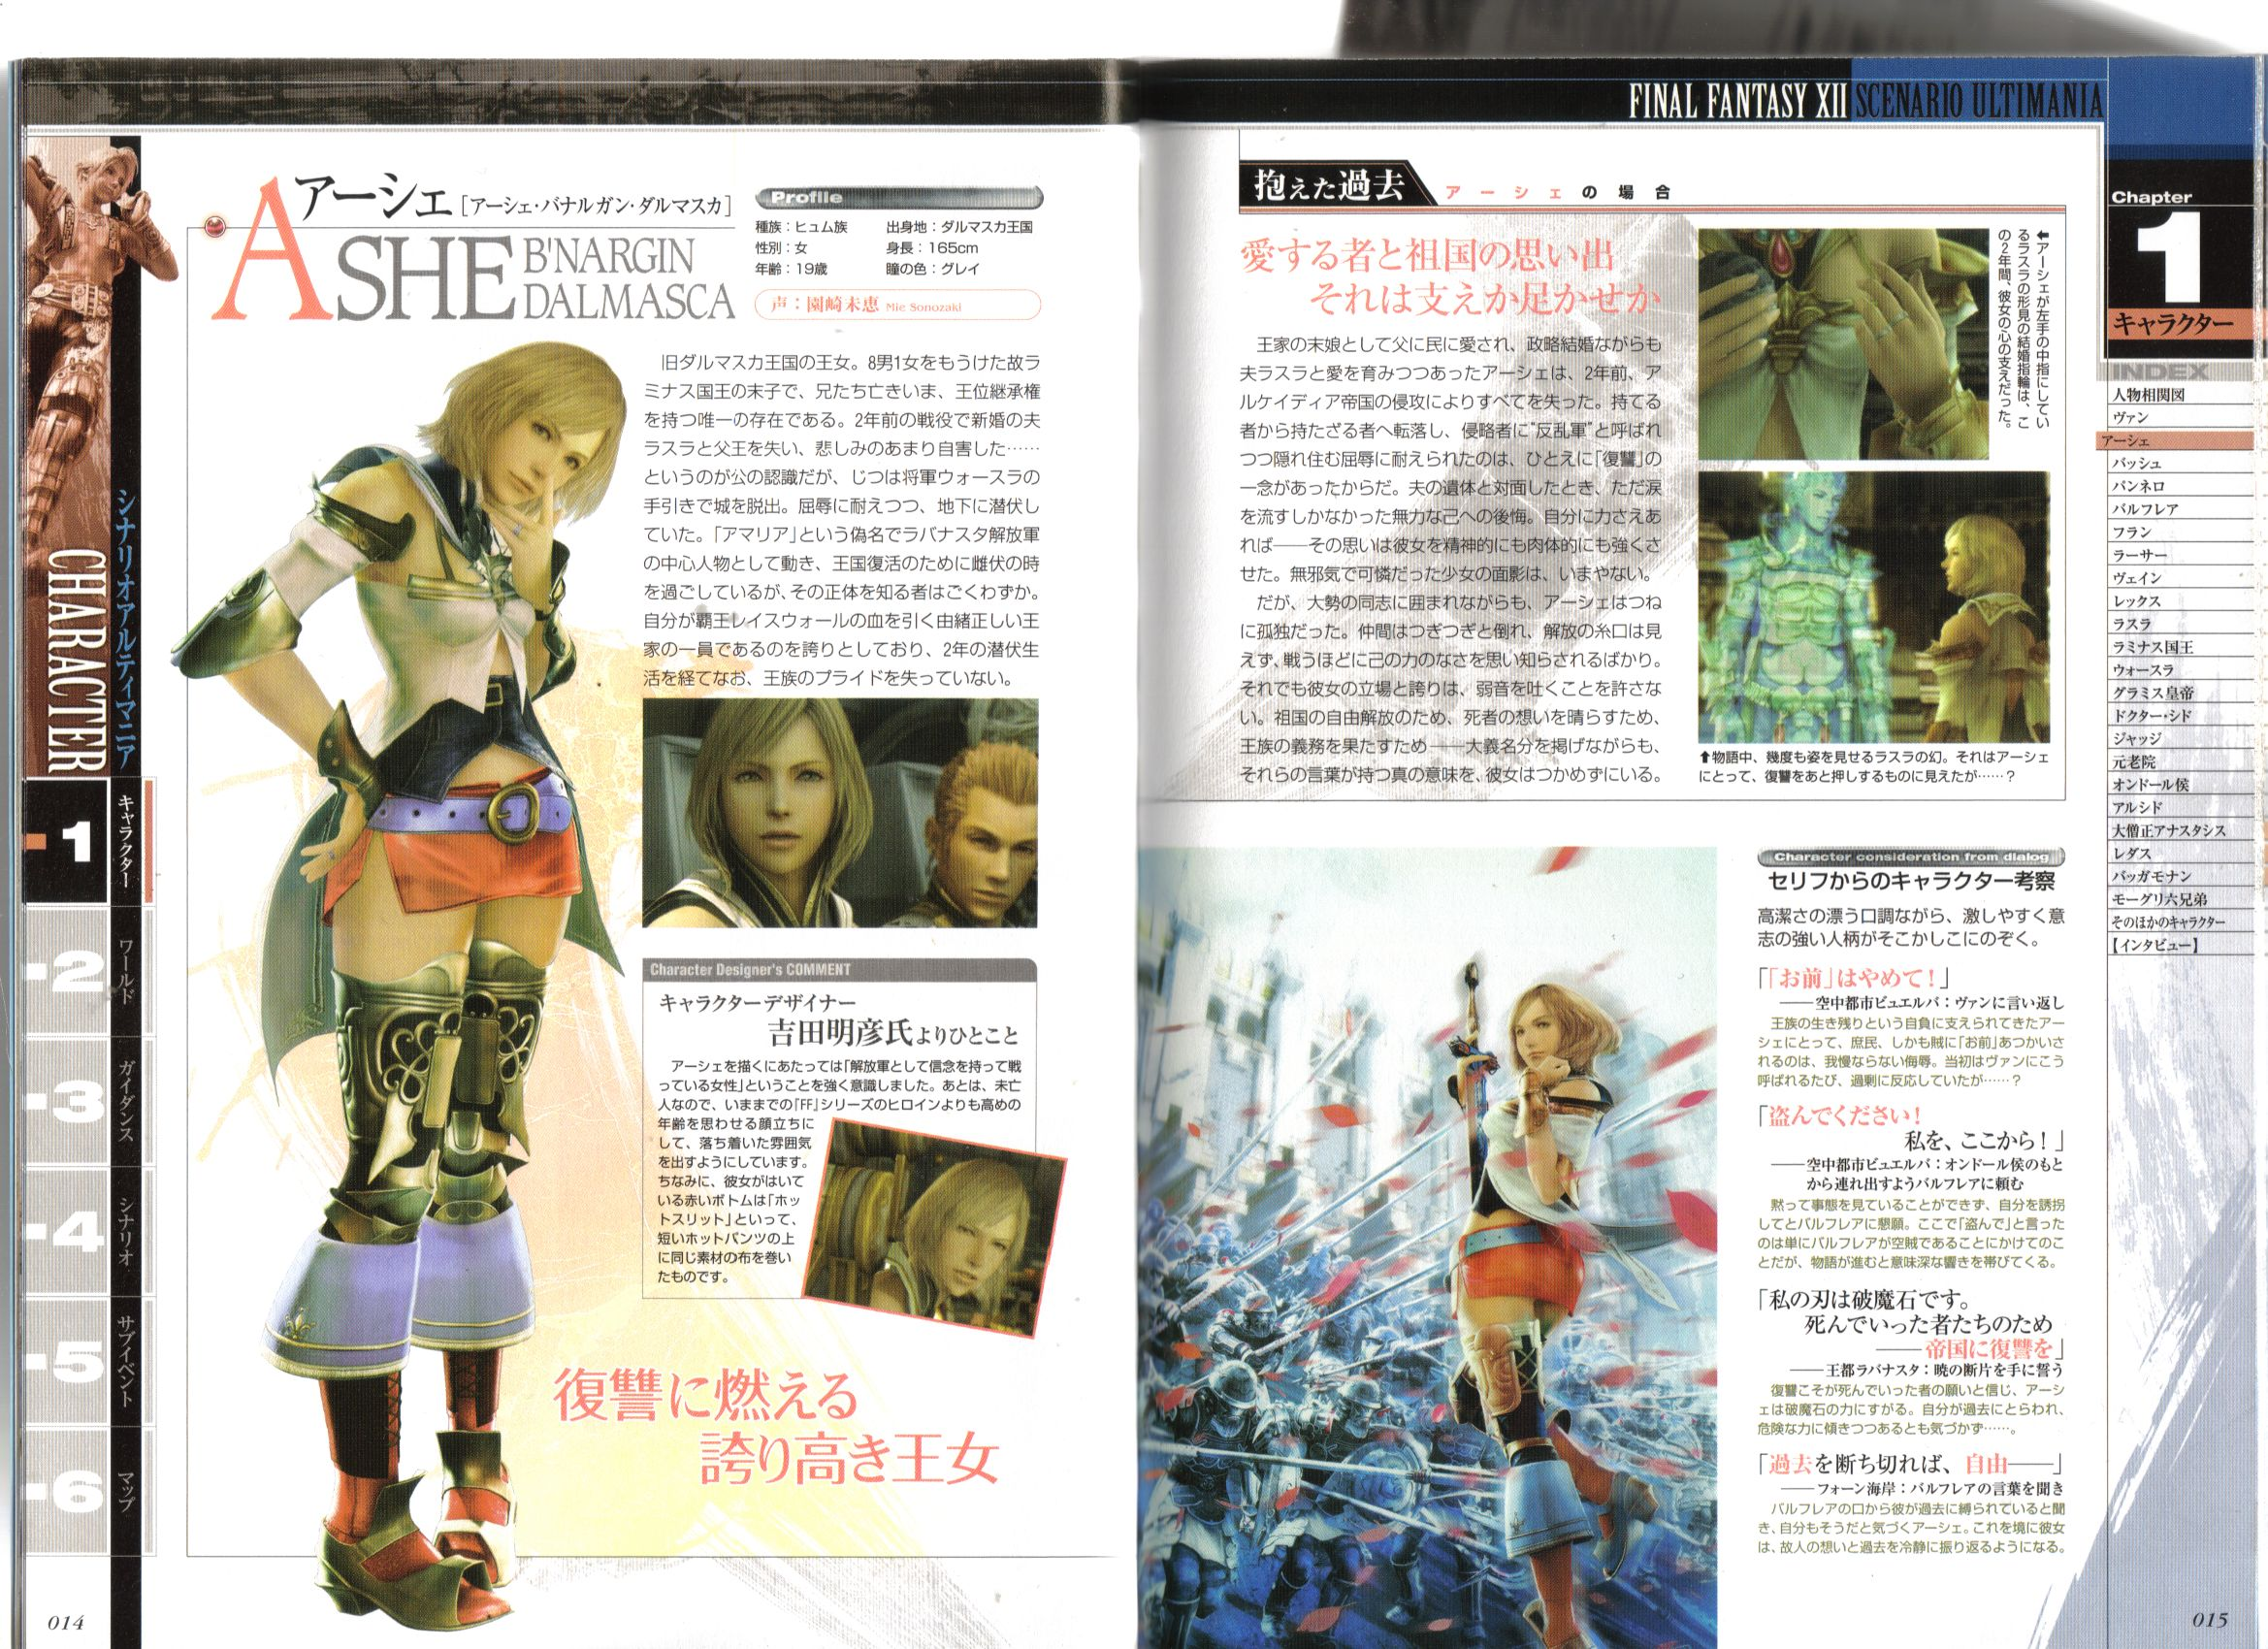 Final Fantasy XII Scenario Ultimania